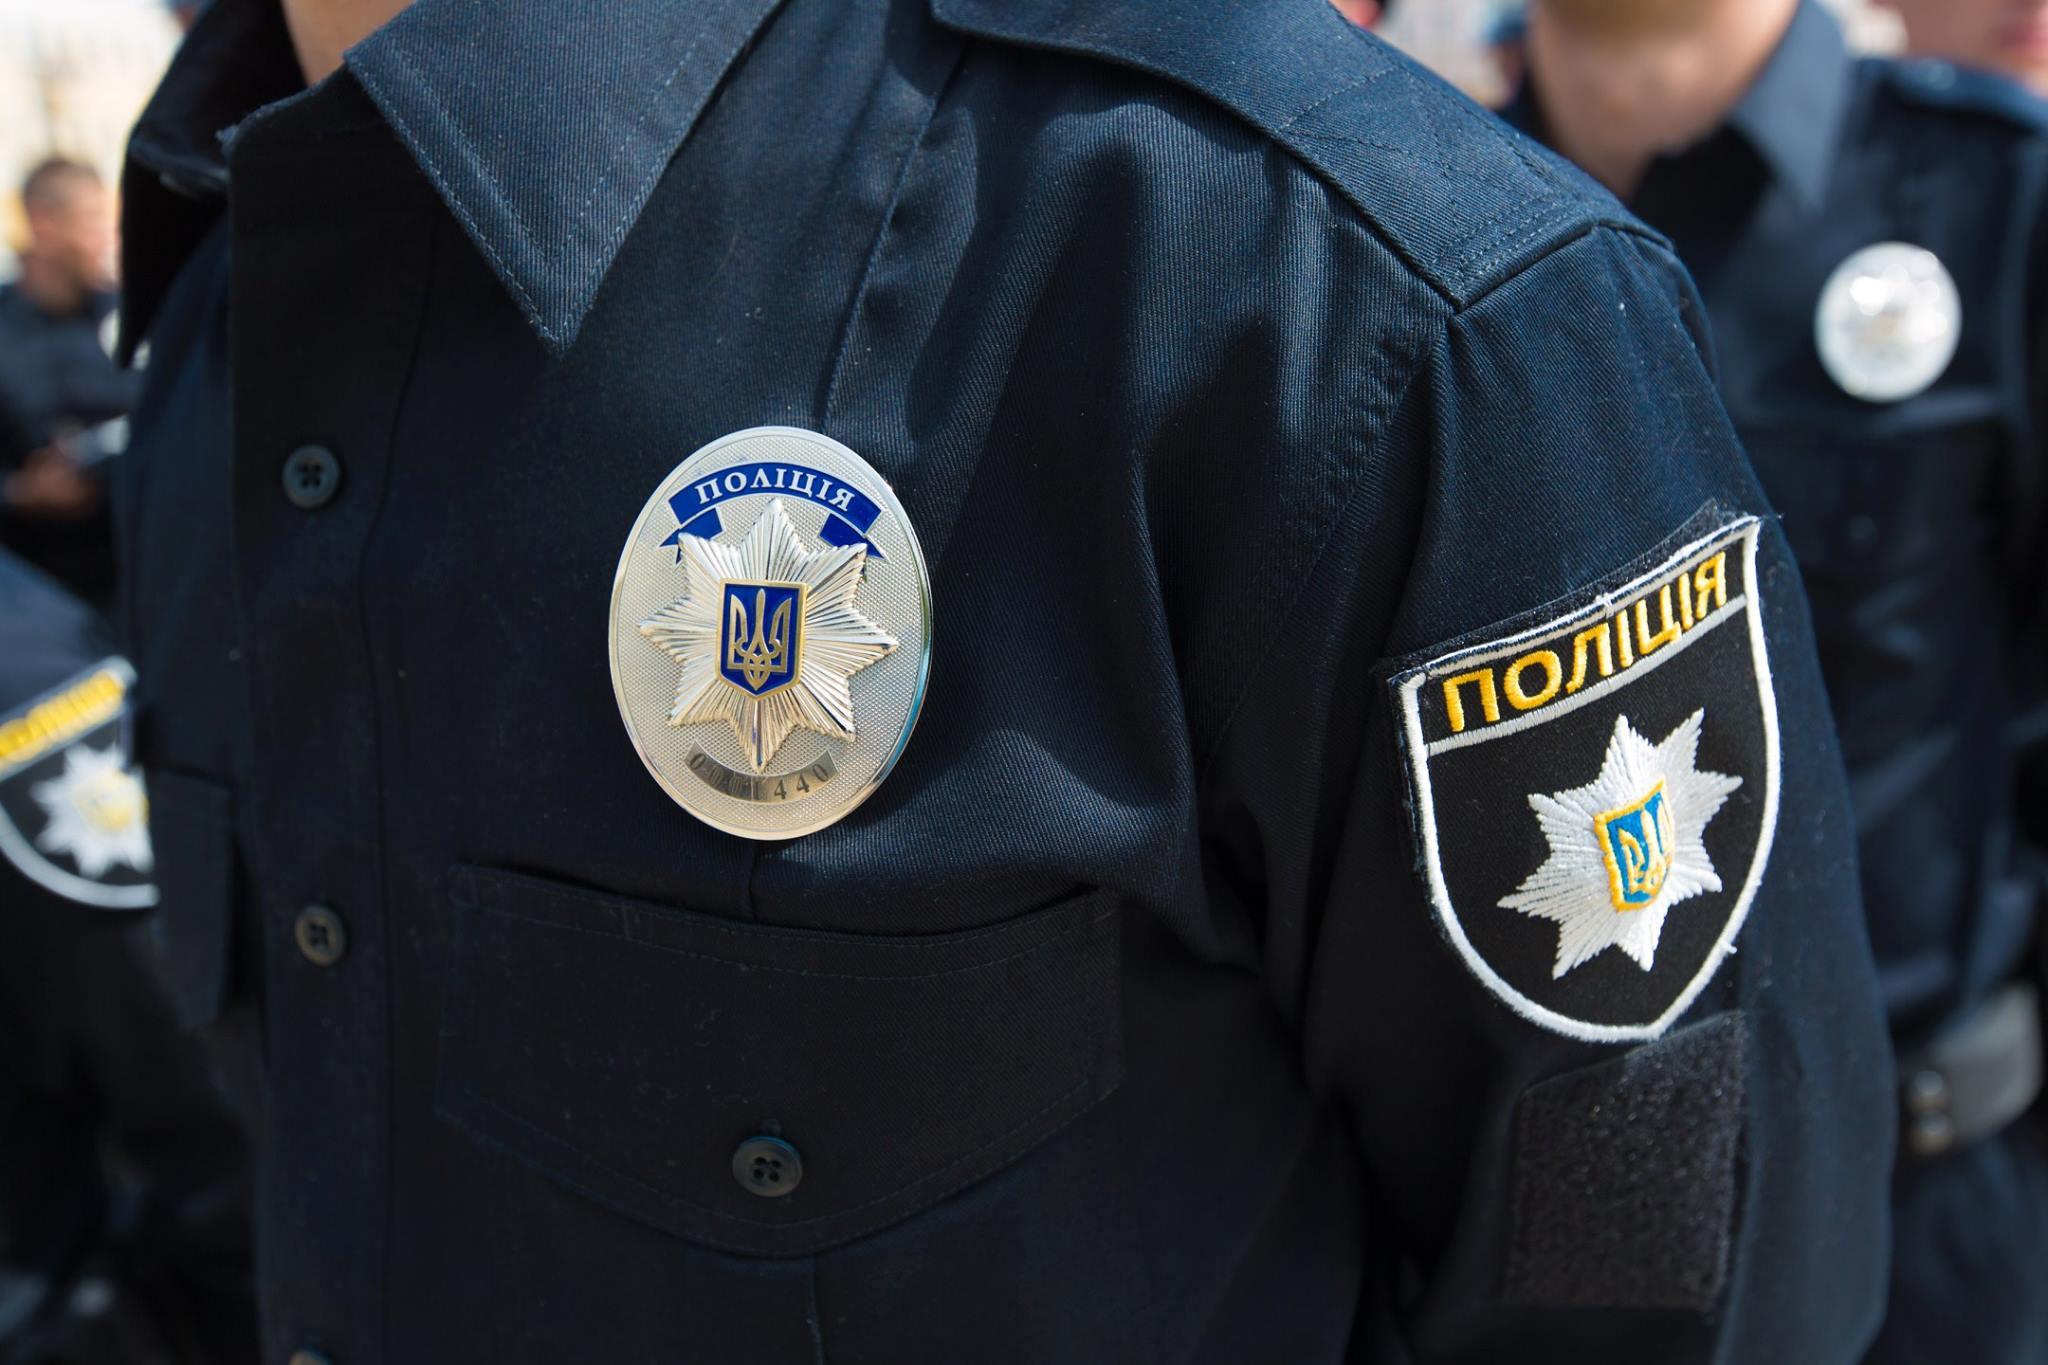 Кпосольству Литвы вКиеве подбросили гранату